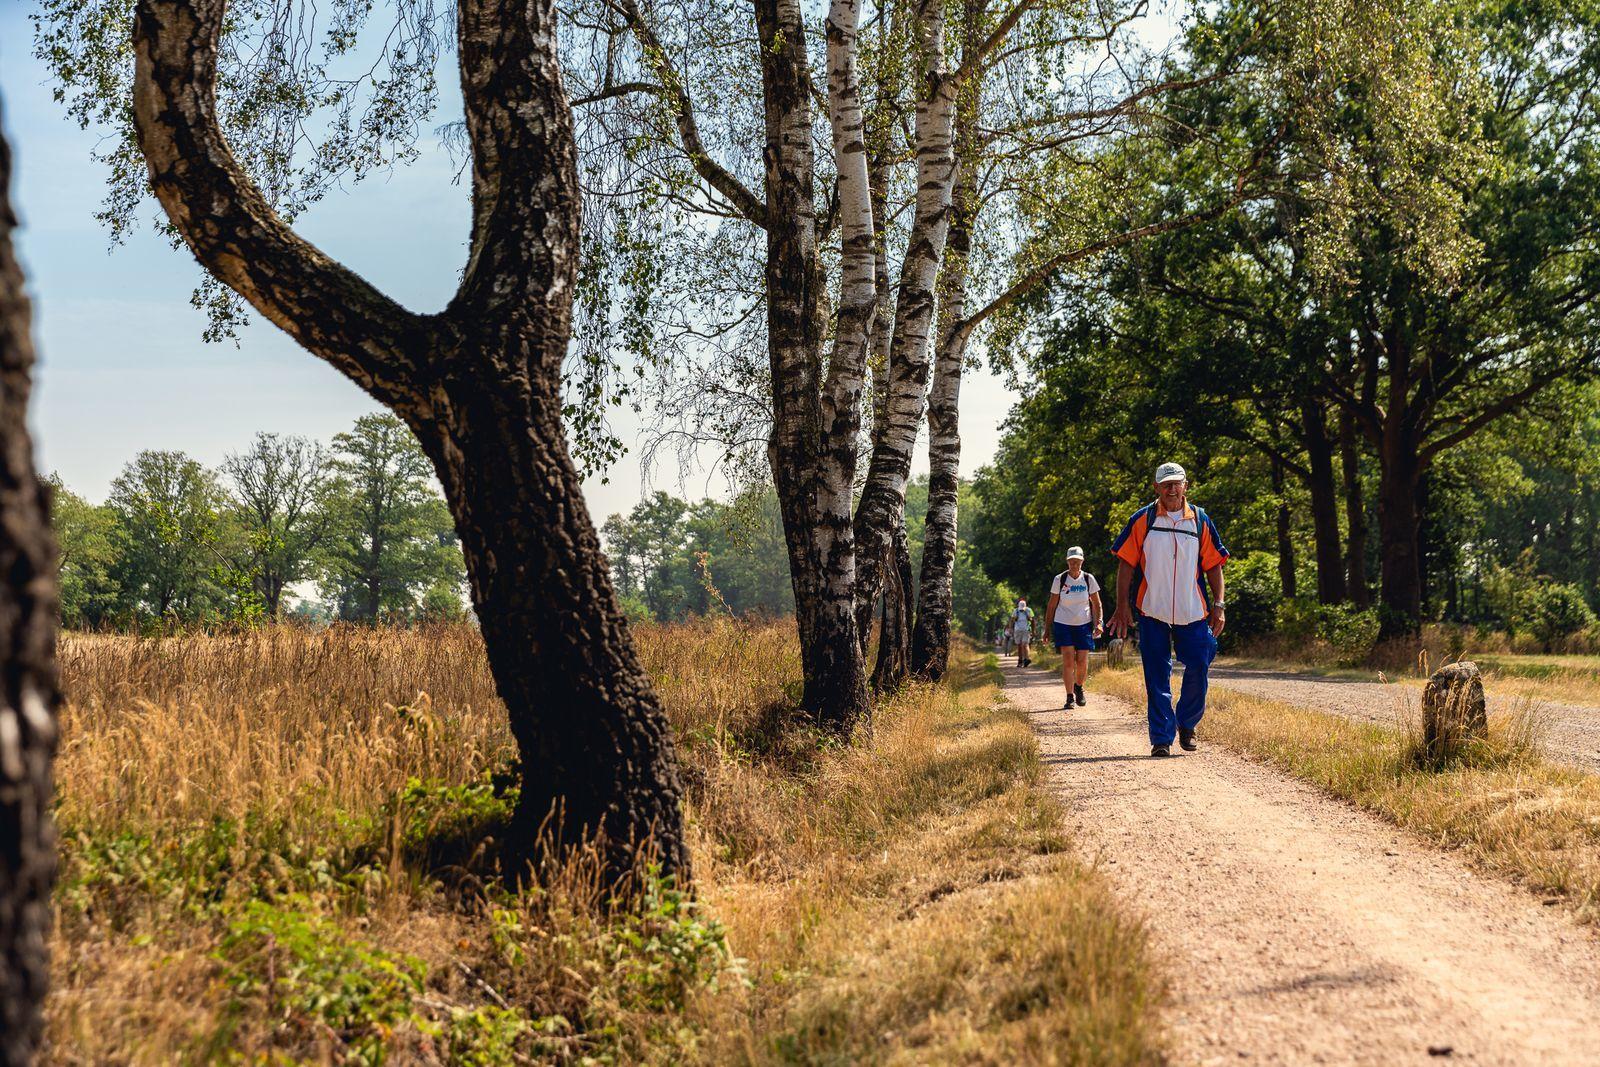 Reggestreek Wandel4daagse, verblijf 6 dagen in een luxe accommodatie inclusief halfpension (2019)